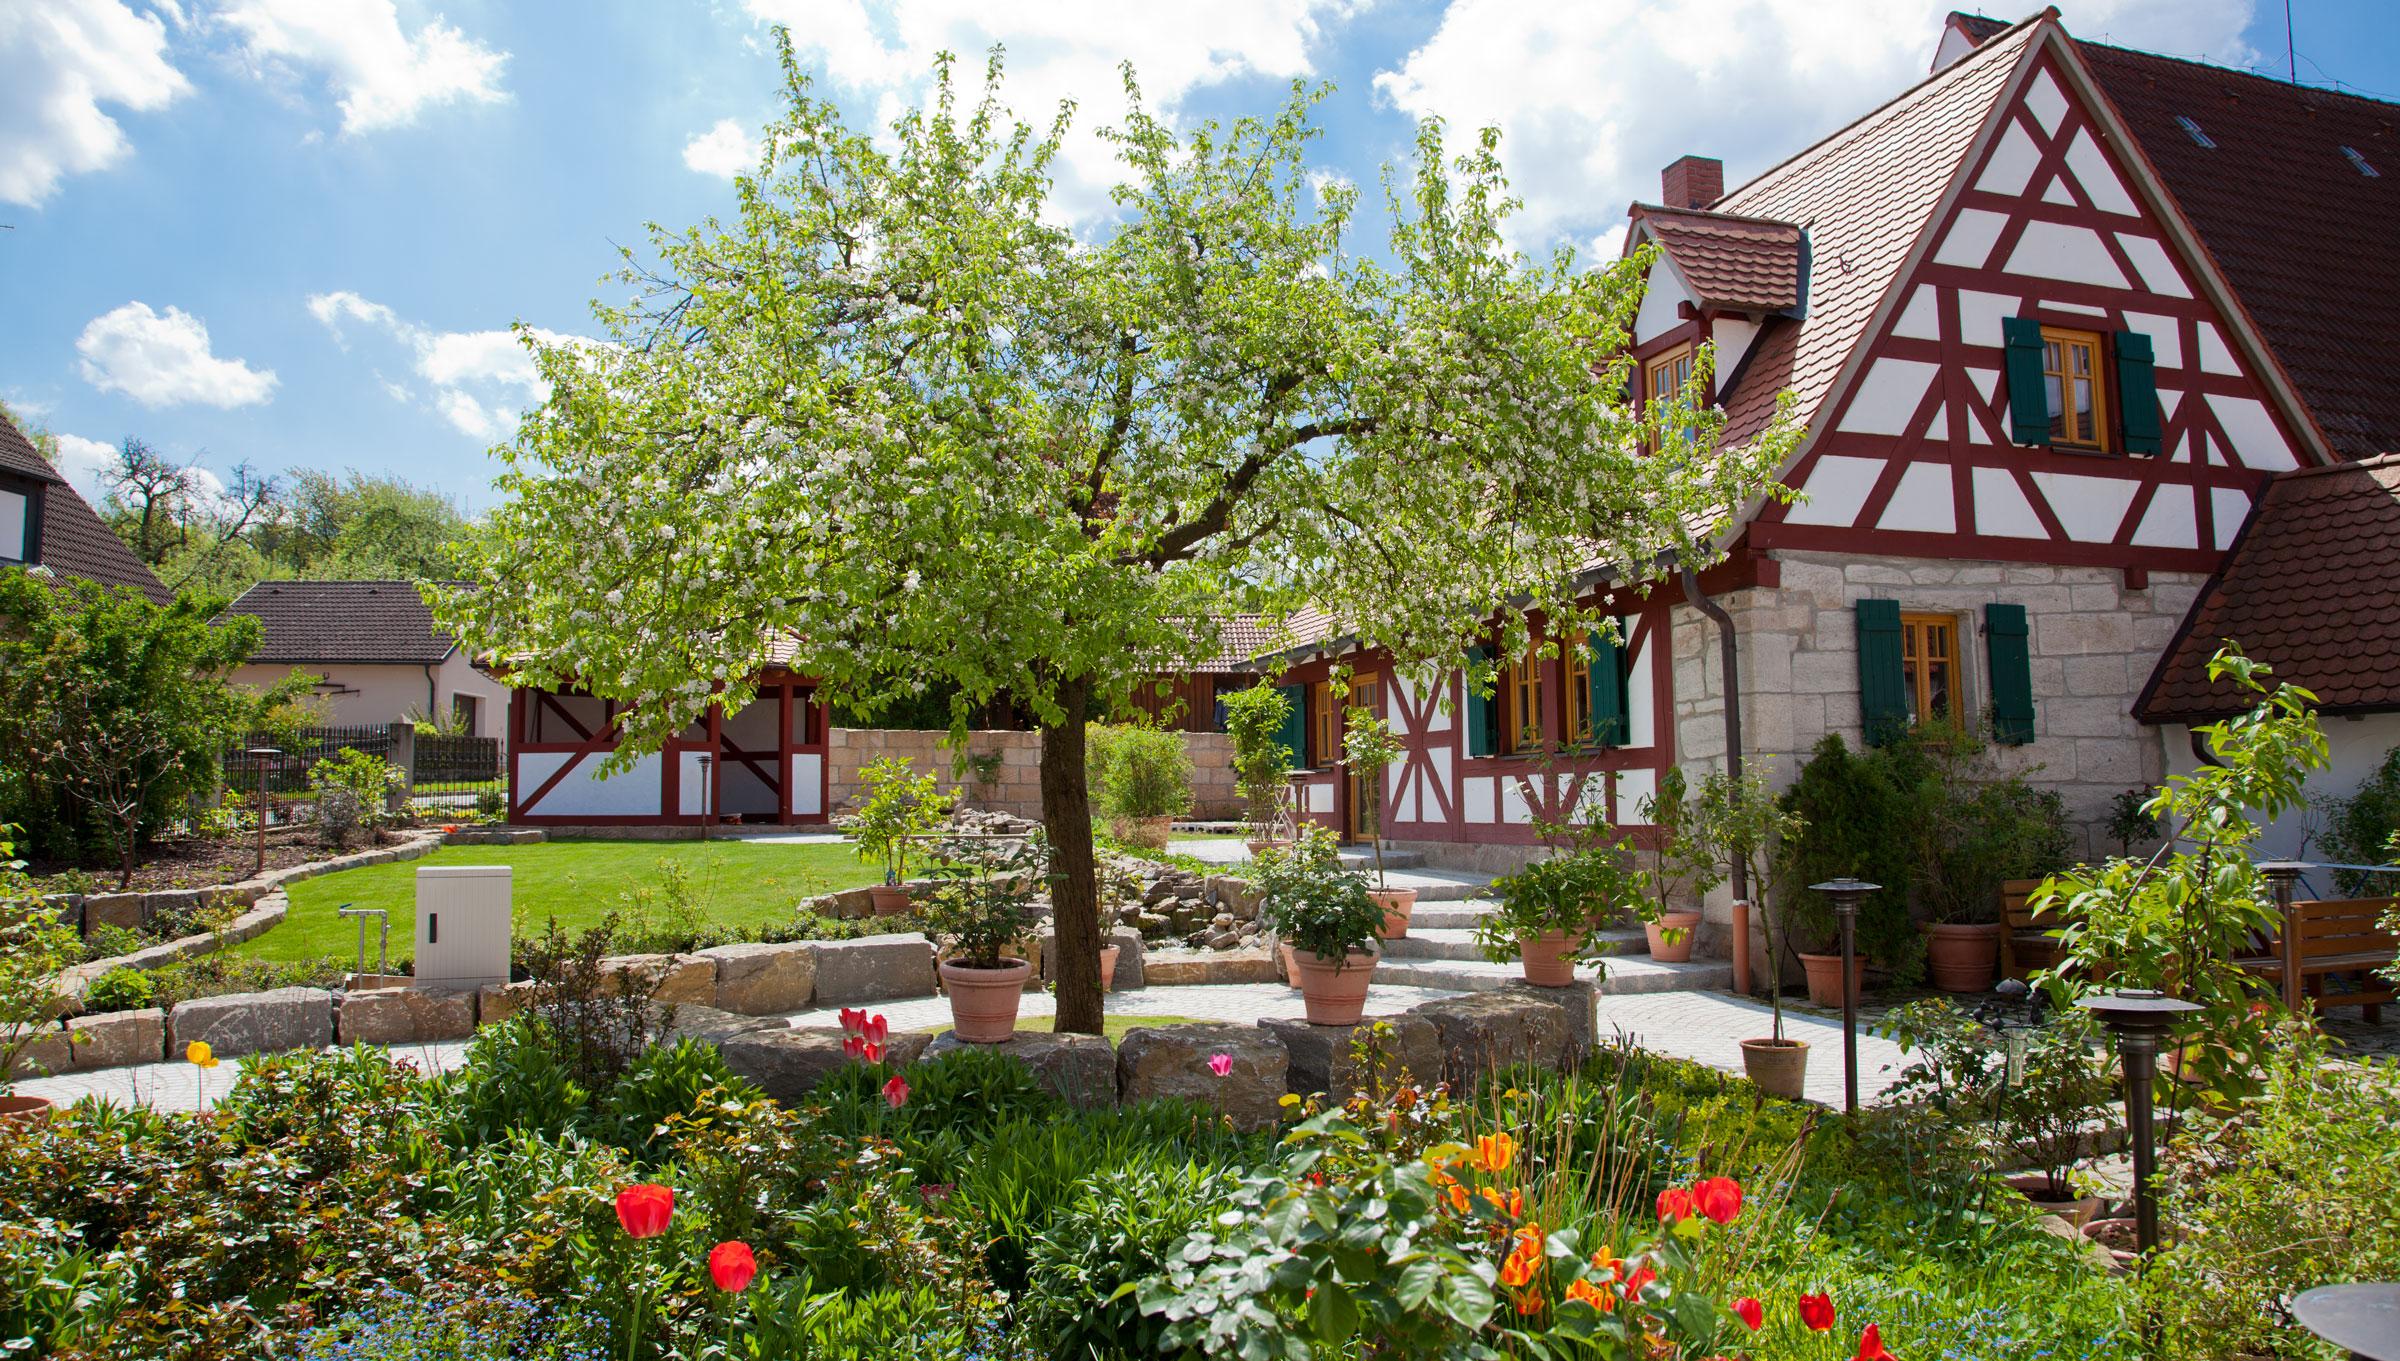 Garten Erdbeerhof Schemm